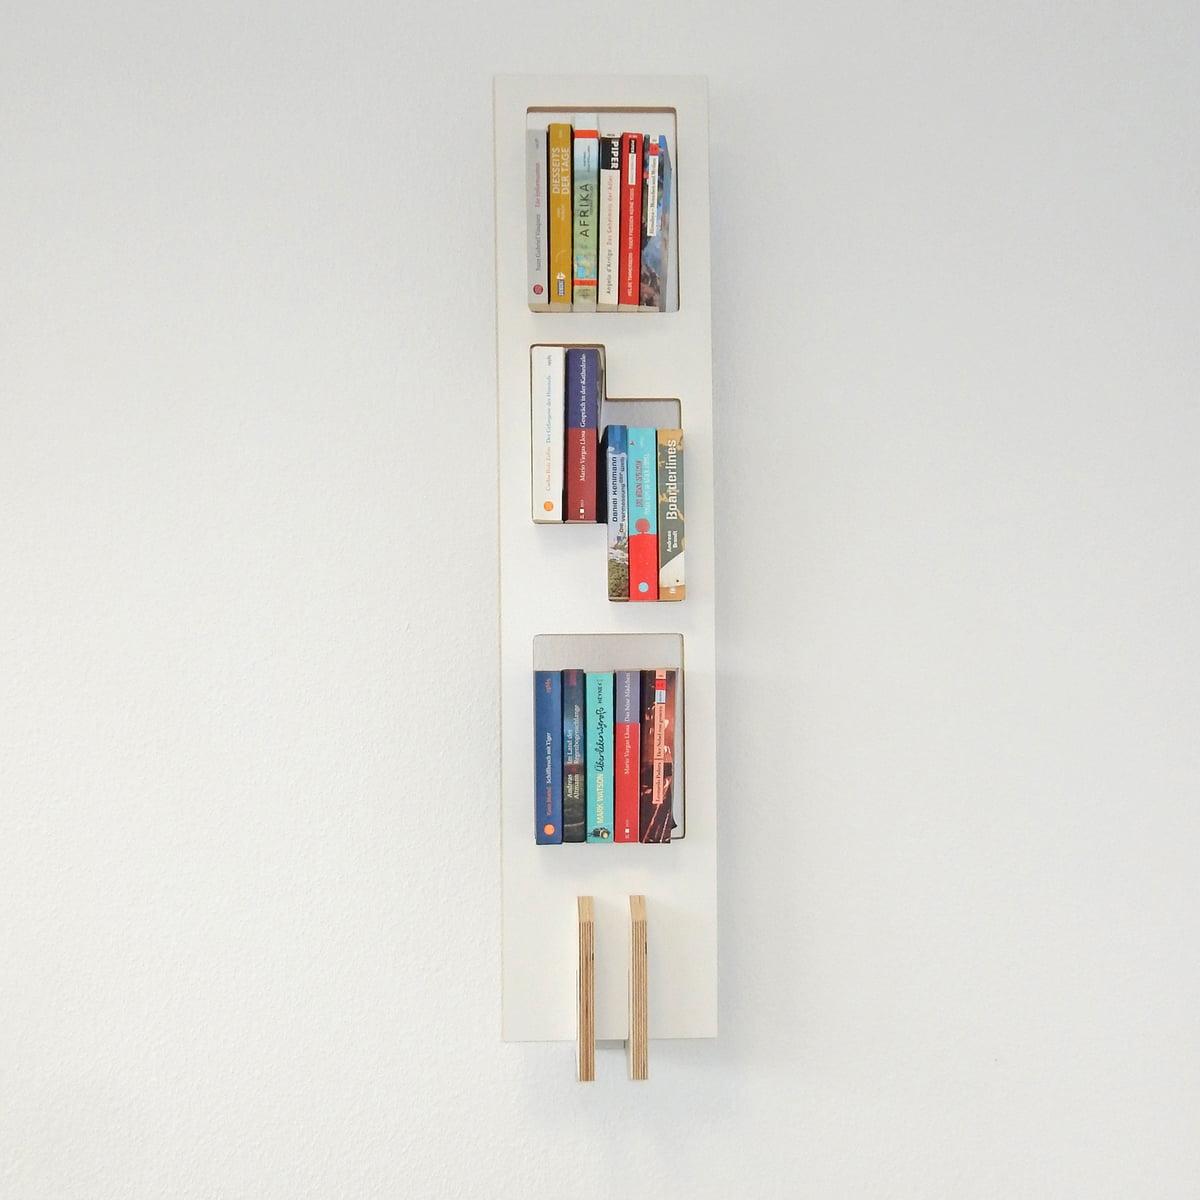 lesestoff Bücherregal von Tojo | connox.at